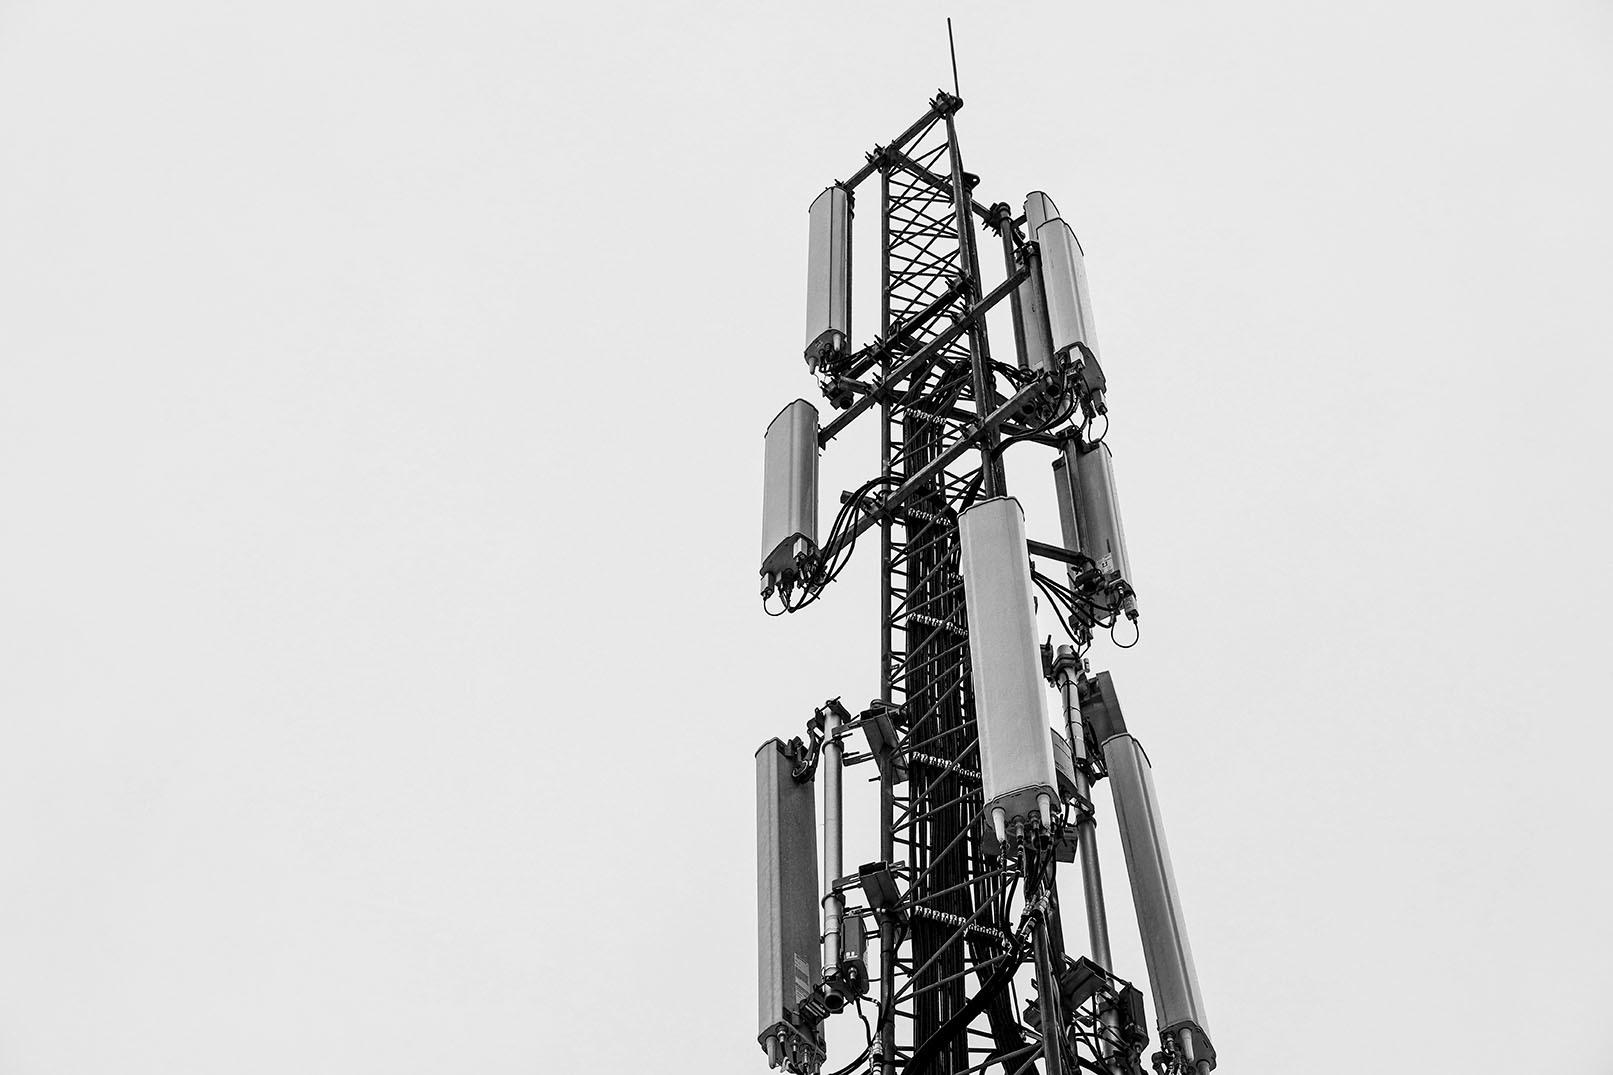 Basestasjon-tromso-telenor-infrastruktur-rapport-1